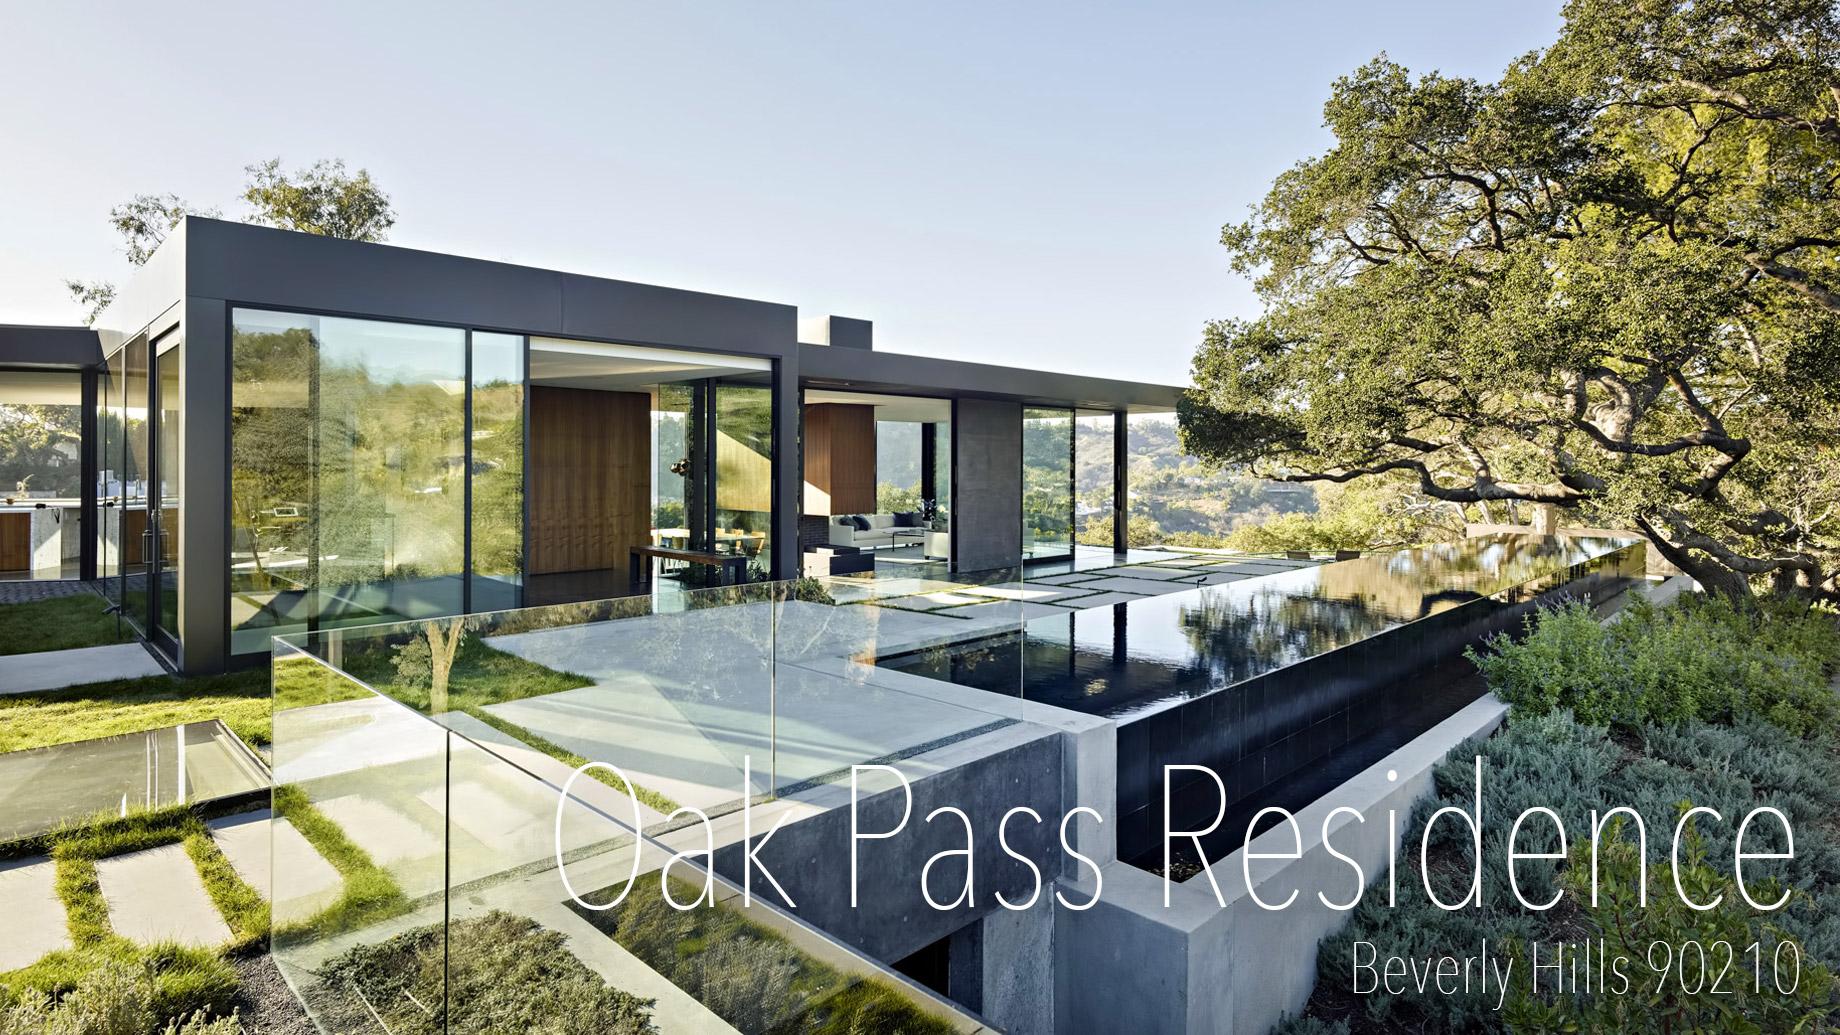 Oak Pass Residence – 9601 Oak Pass Rd, Beverly Hills, CA, USA